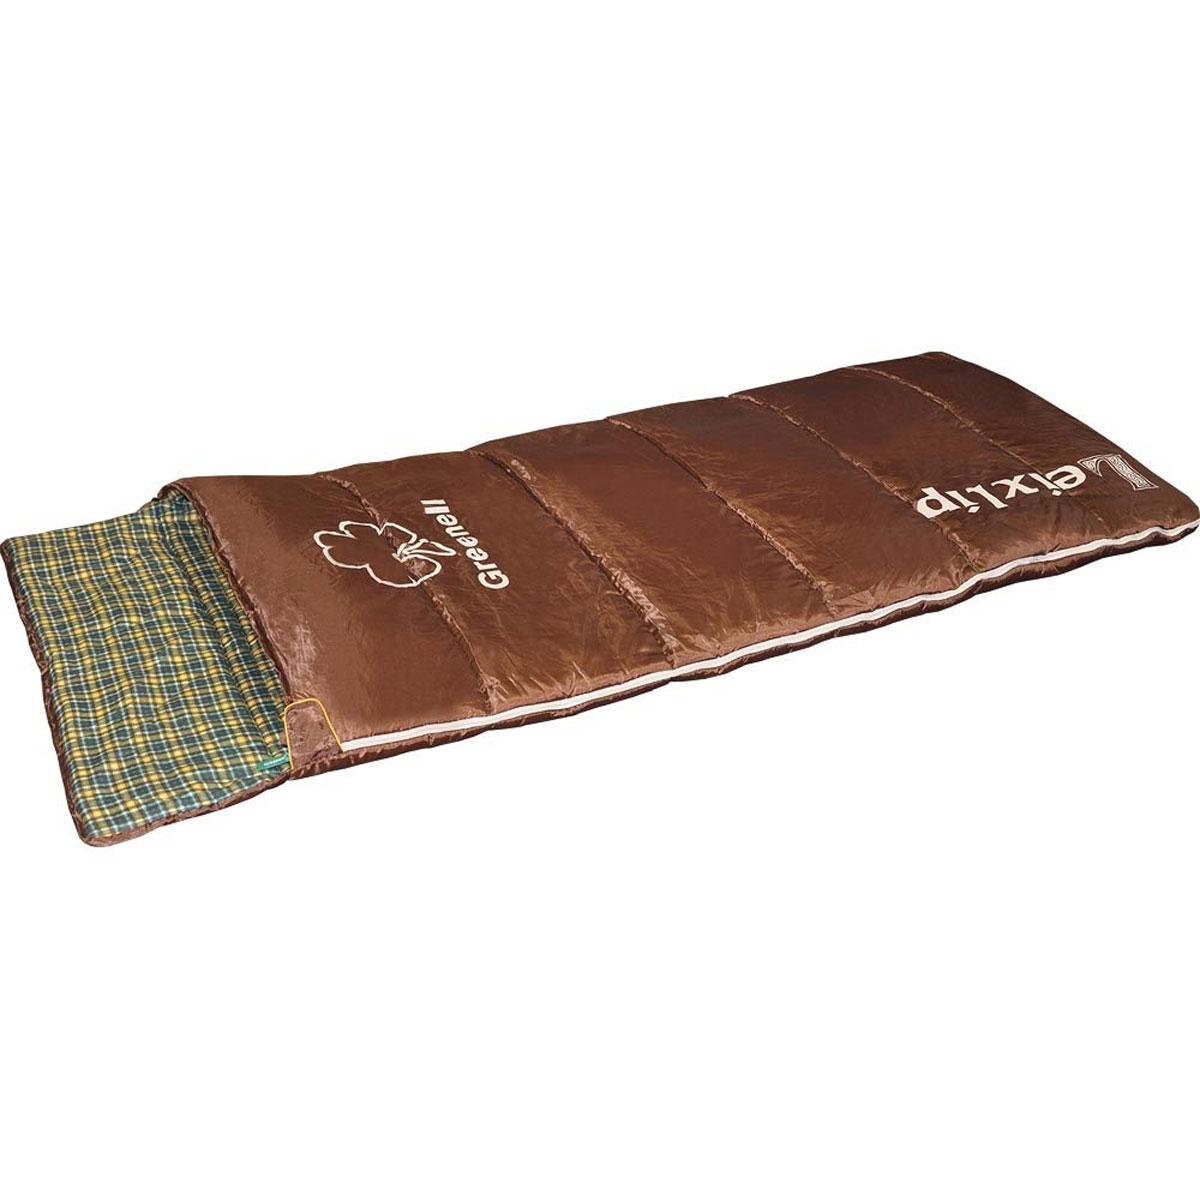 Спальный мешок Greenell Лейкслип, левосторонняя молния, цвет: коричневый